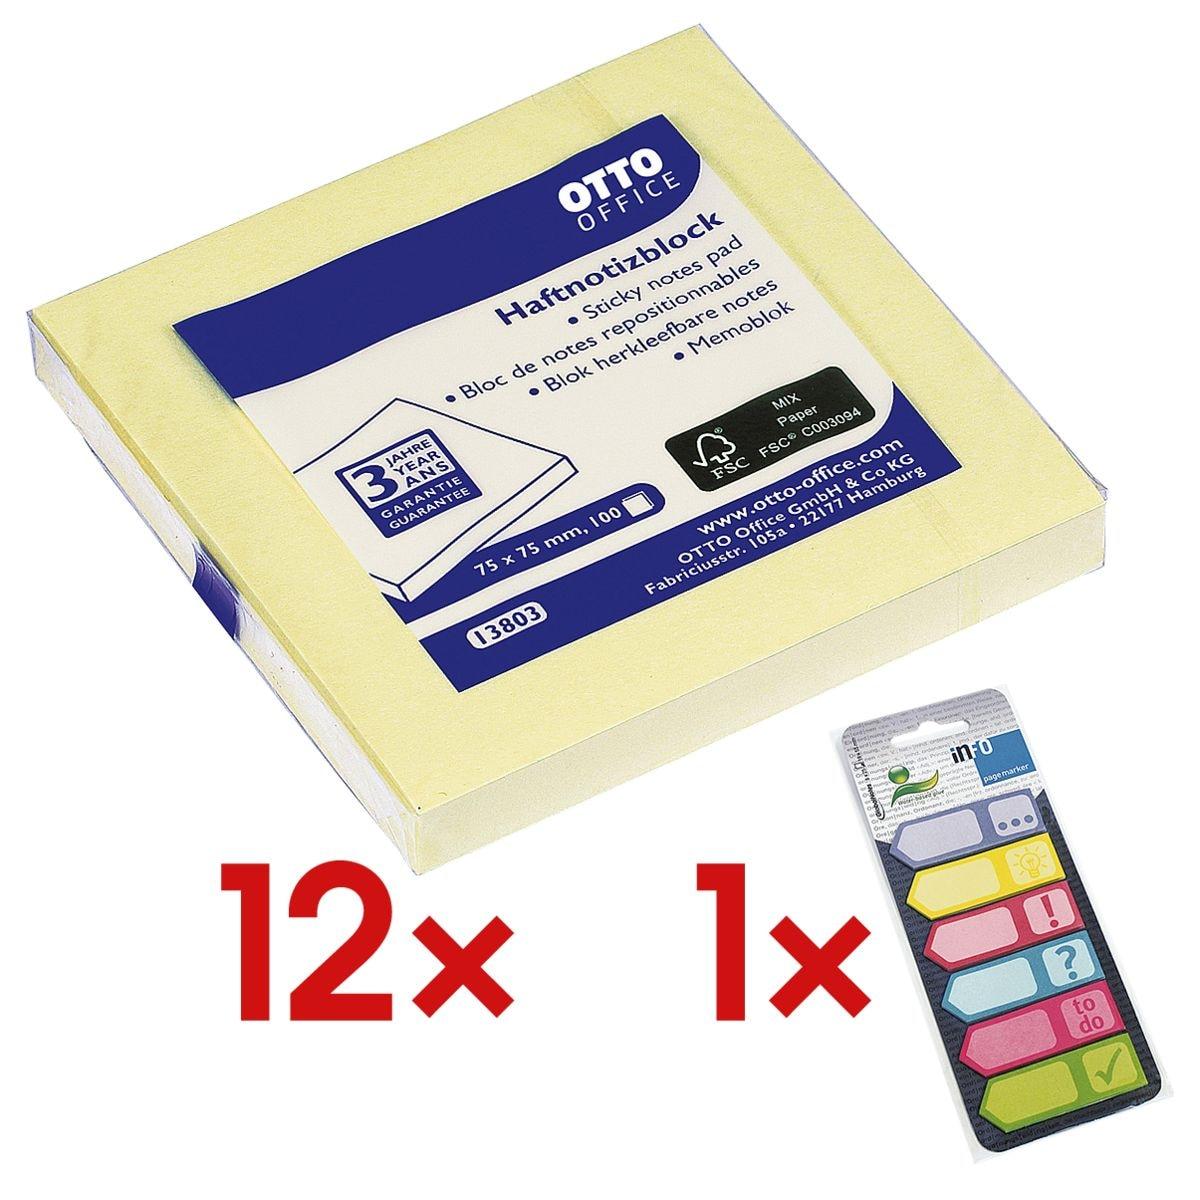 12x OTTO Office blok herkleefbare notes  7,5 x 7,5 cm, 1200 bladen (totaal), geel incl. Indexstroken 150 stuks totaal, papier, 50 x 18 mm